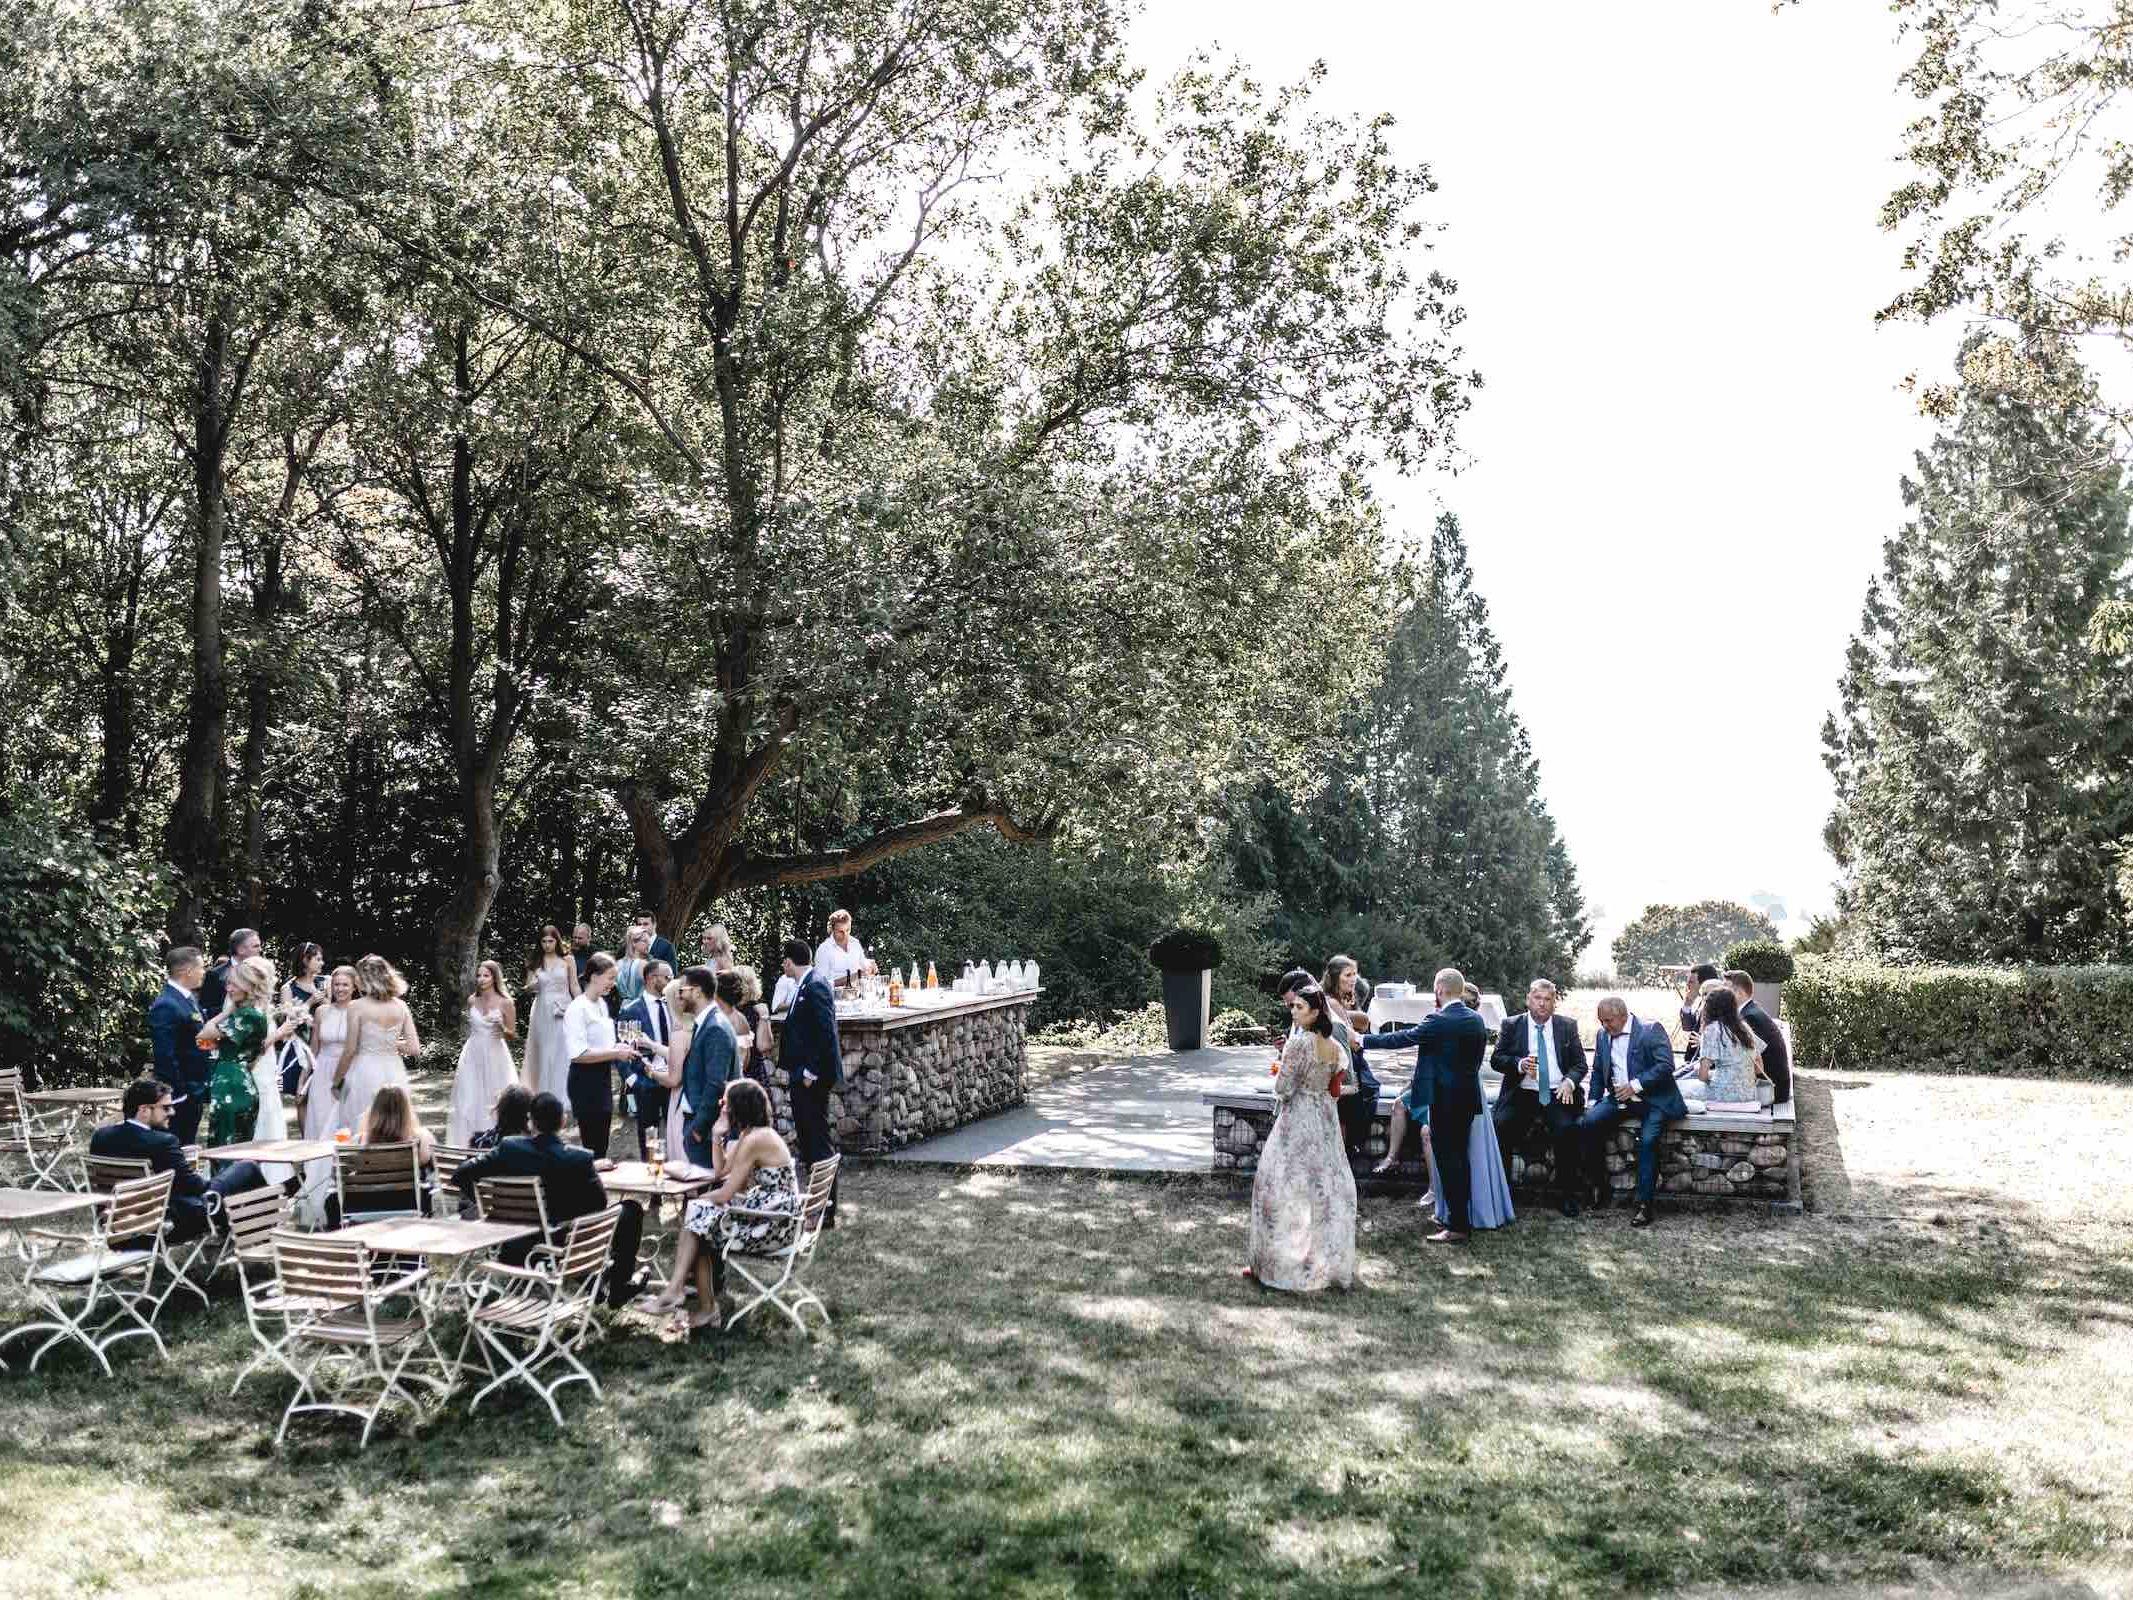 Berggasthaus   Niedersachsen   Hochzeit   Hannover   Empfang   Feiern   Locations   DJ   Hochzeitsplanung   Fotograf   Hochzeits   Referenz   Empfang   Brautpaar   Fotograf   Referenz   Lehmann   Eventservice